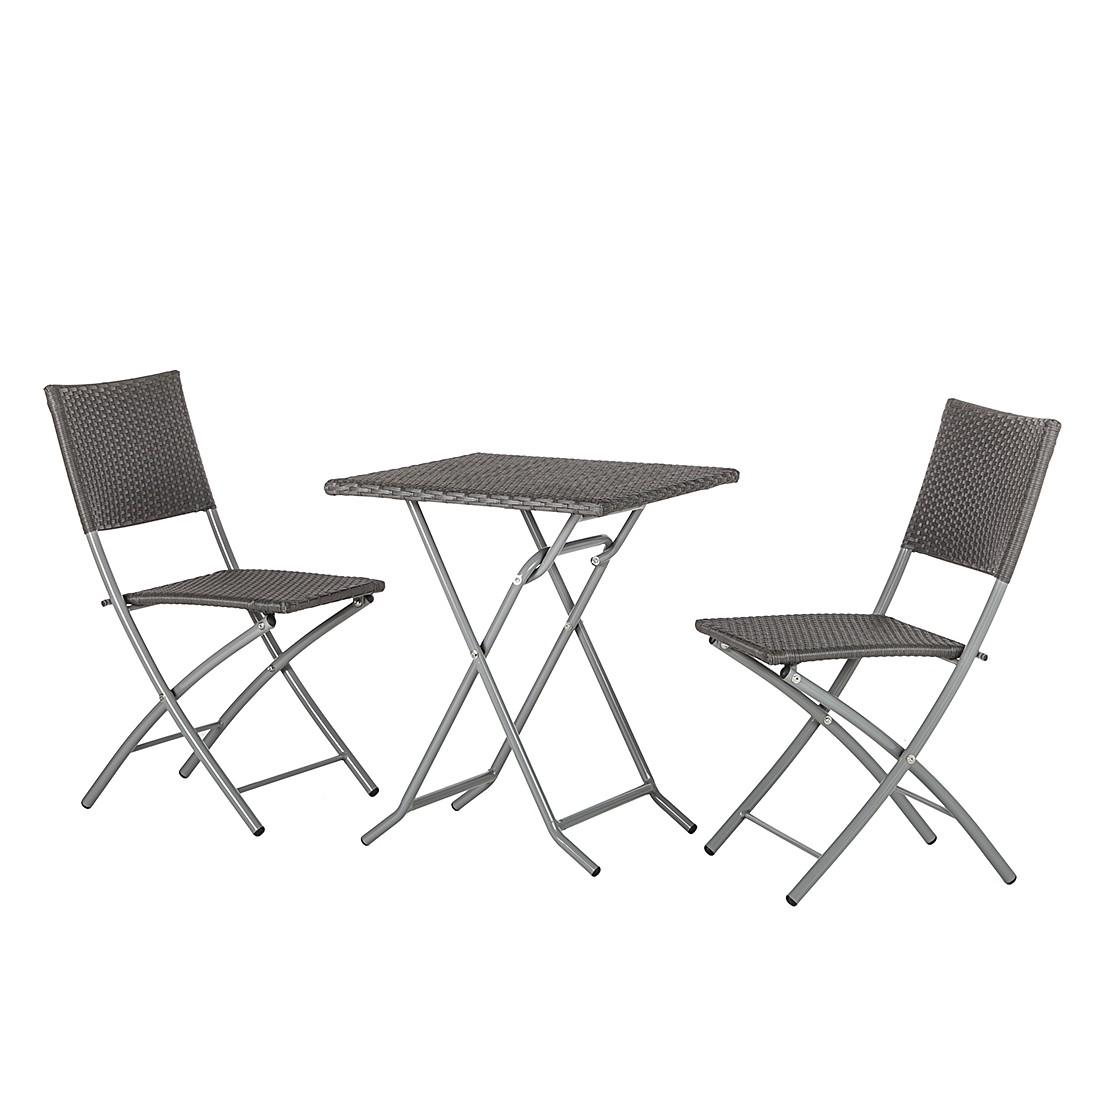 Bien choisir un salon de jardin en r sine tress e pas cher for Ensemble table et chaises resine tressee pas cher